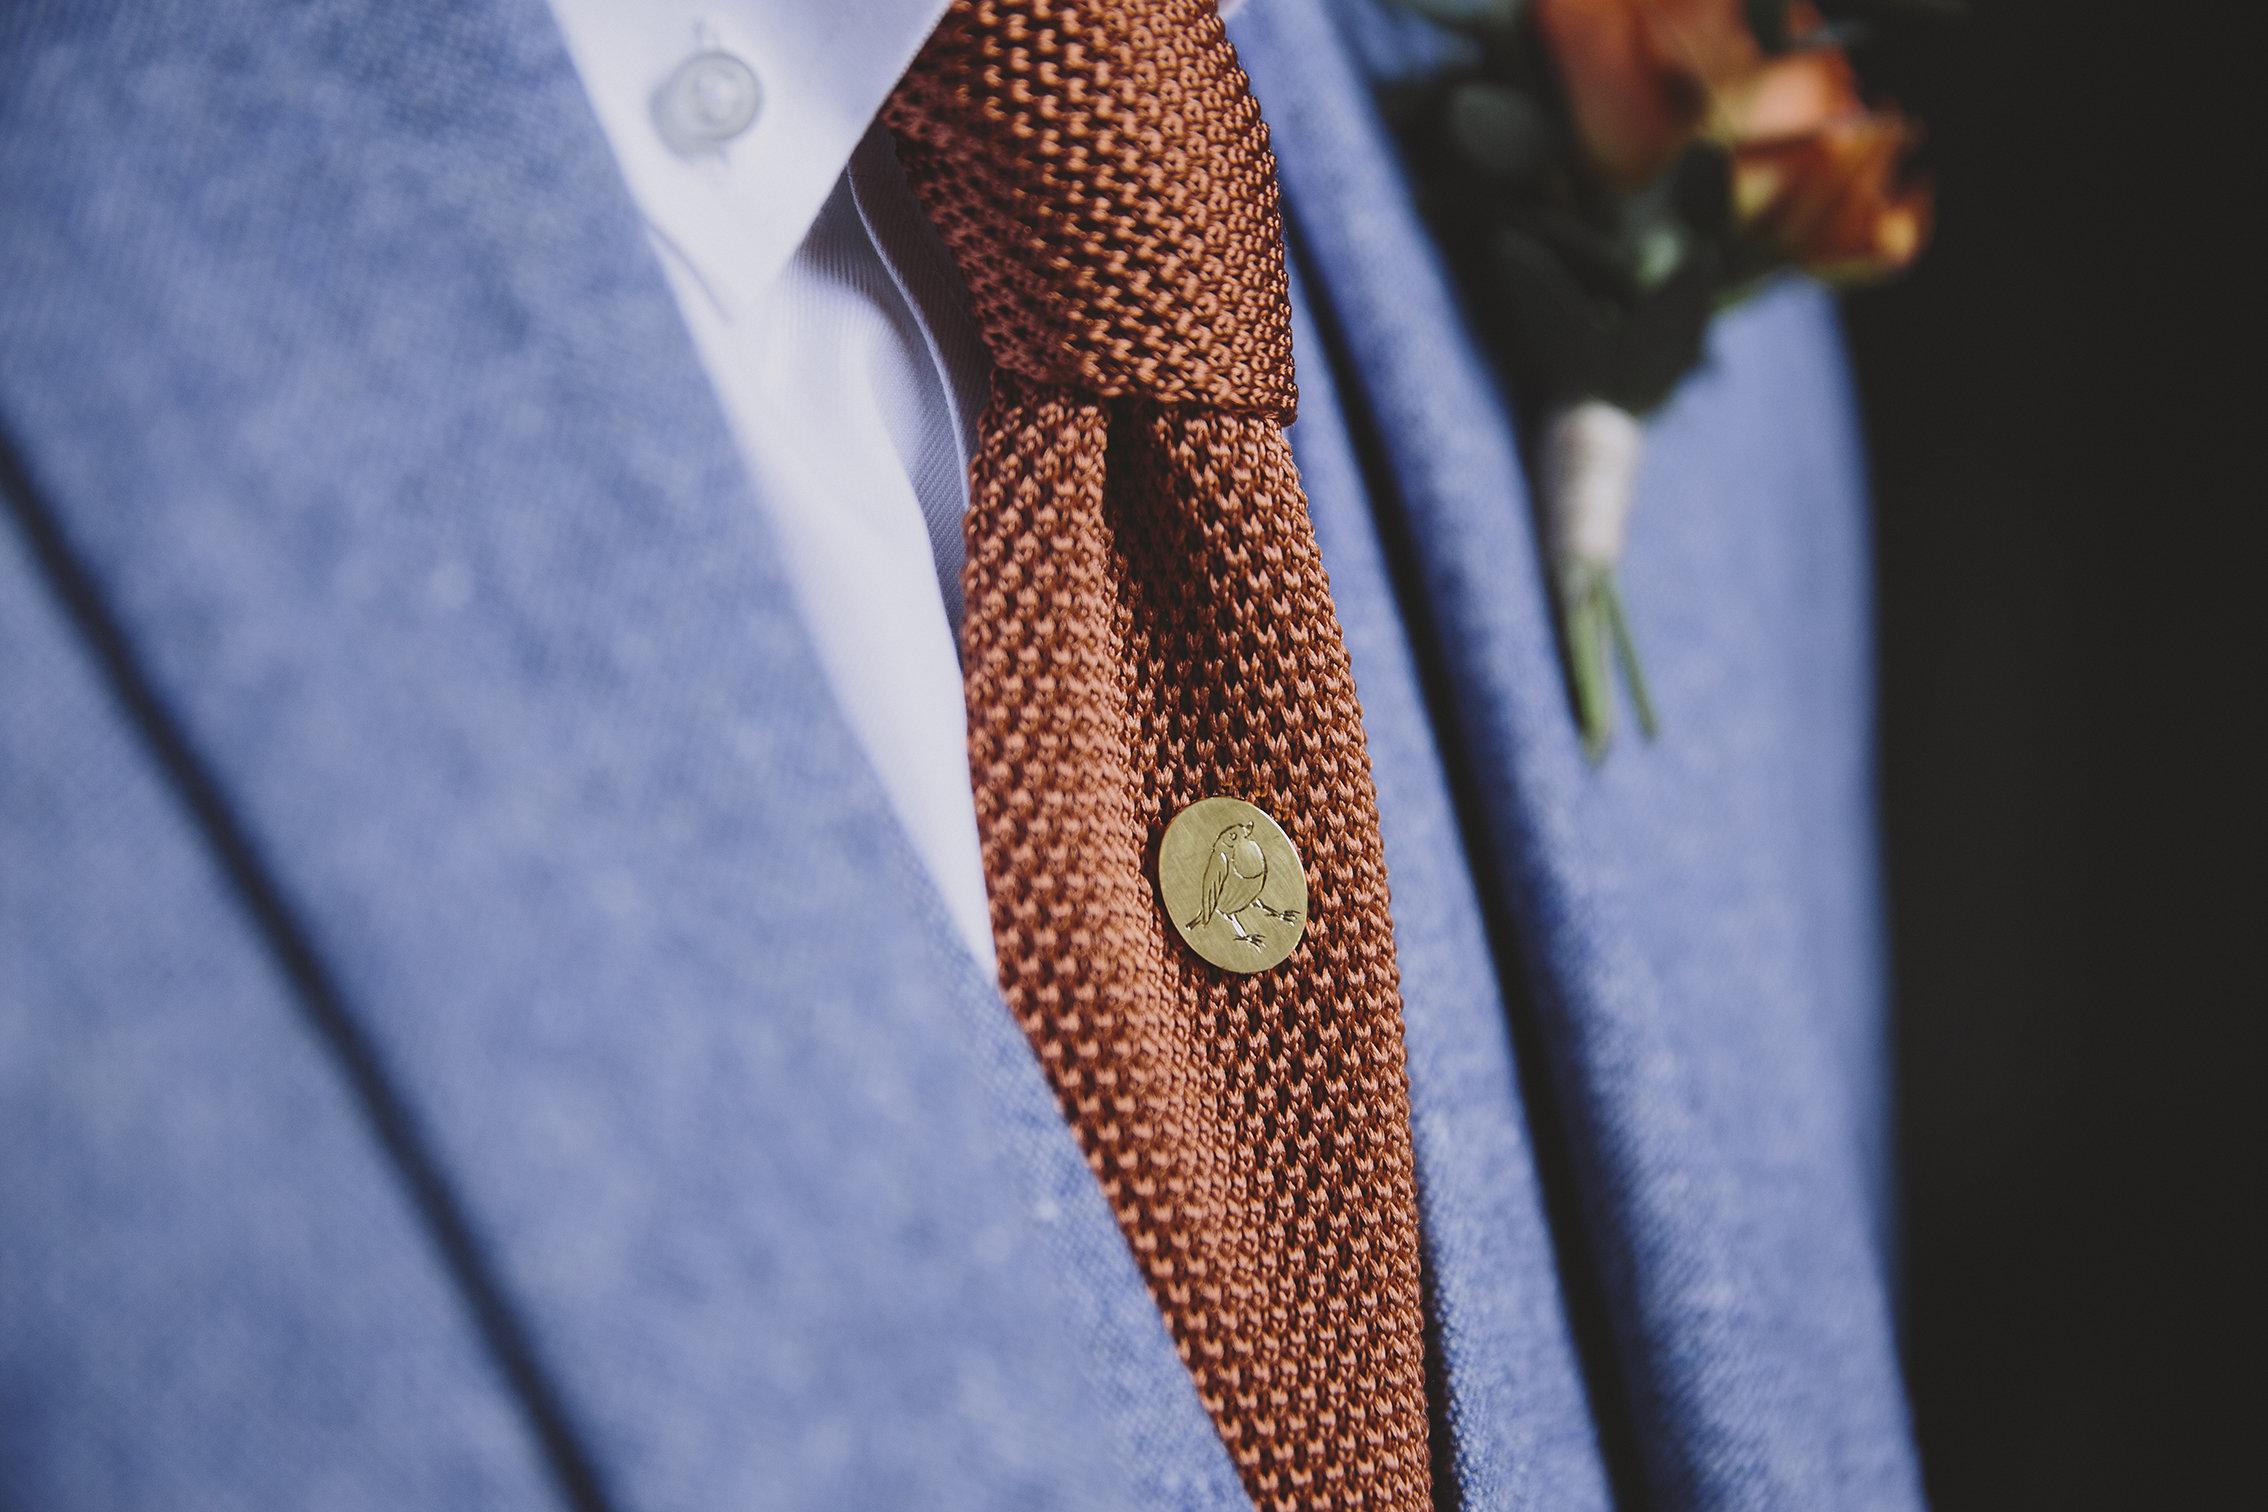 Bespoke engraved tie pin.